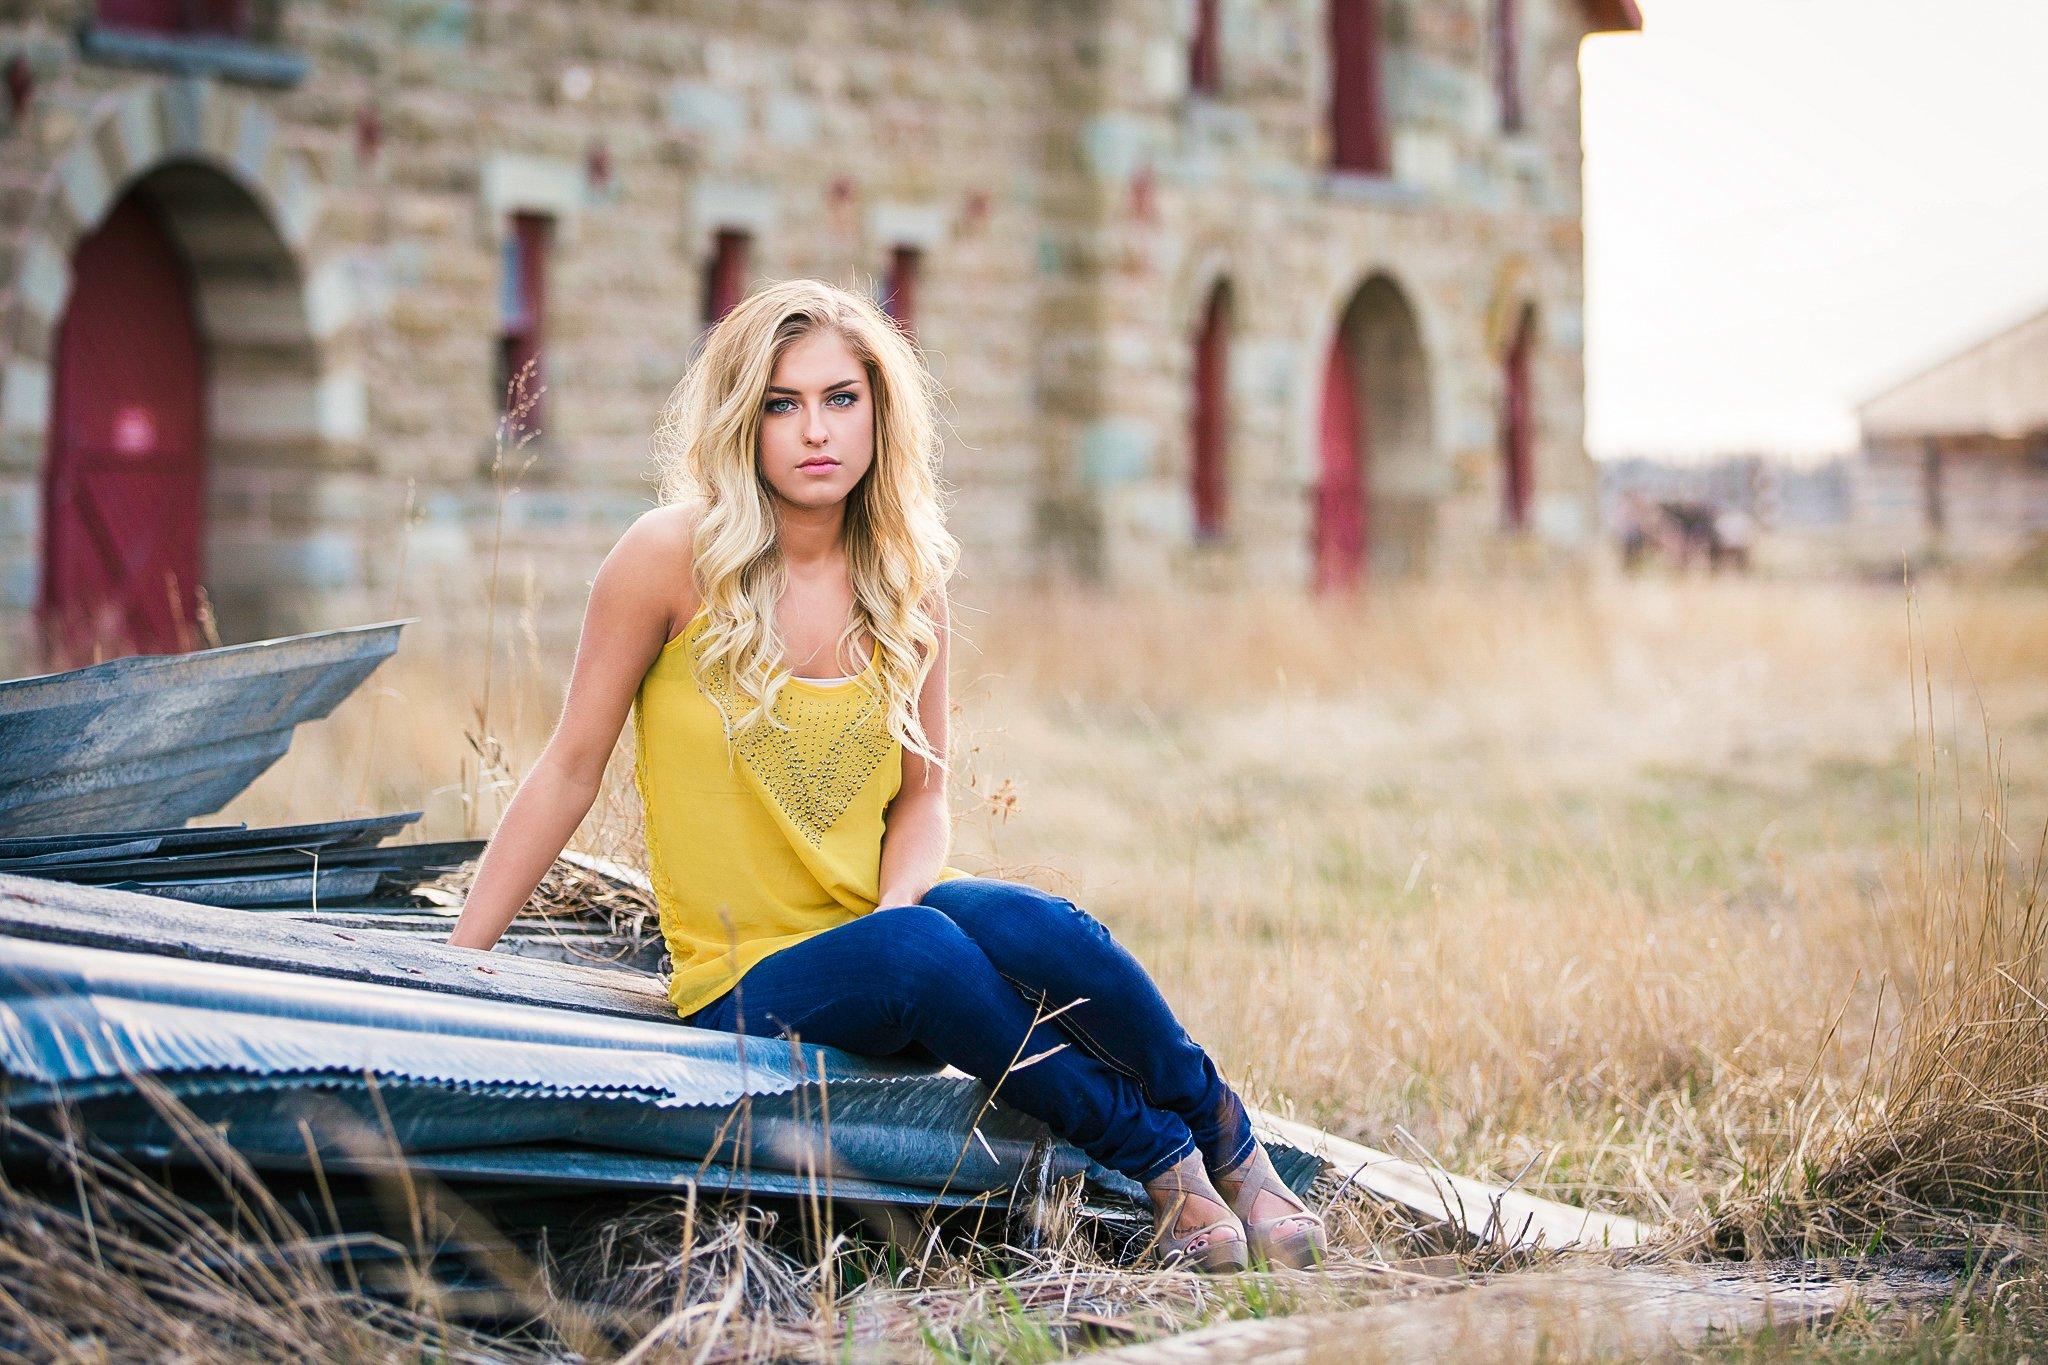 Pretty Presets Soft Vignette Preset agregado a la foto de una mujer rubia con camisa amarilla y jeans